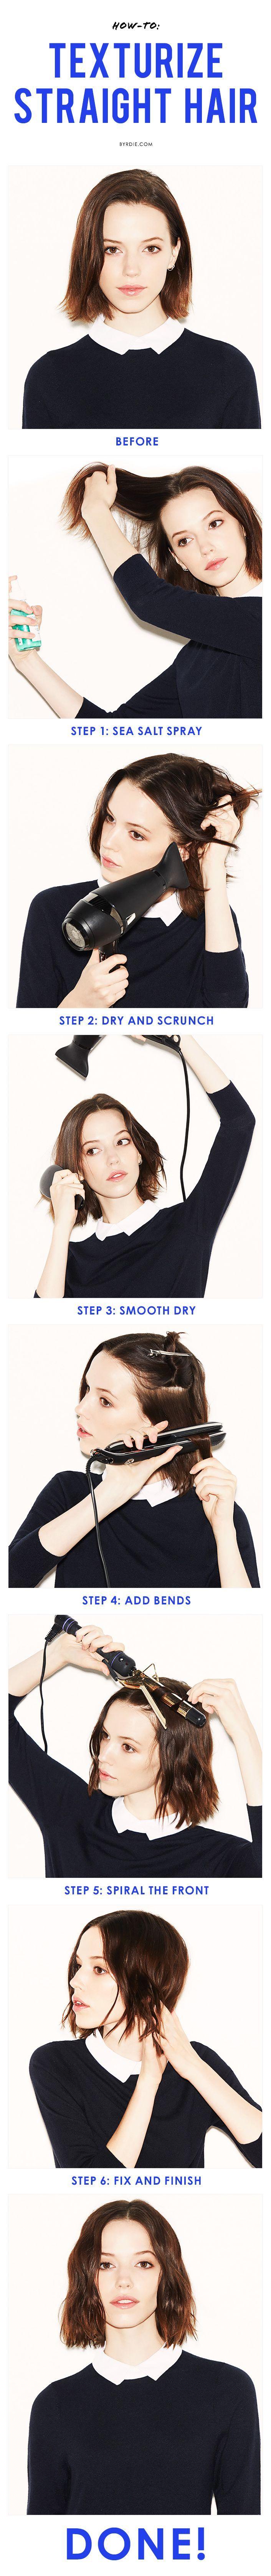 Short Hair. How to texturize straight hair.